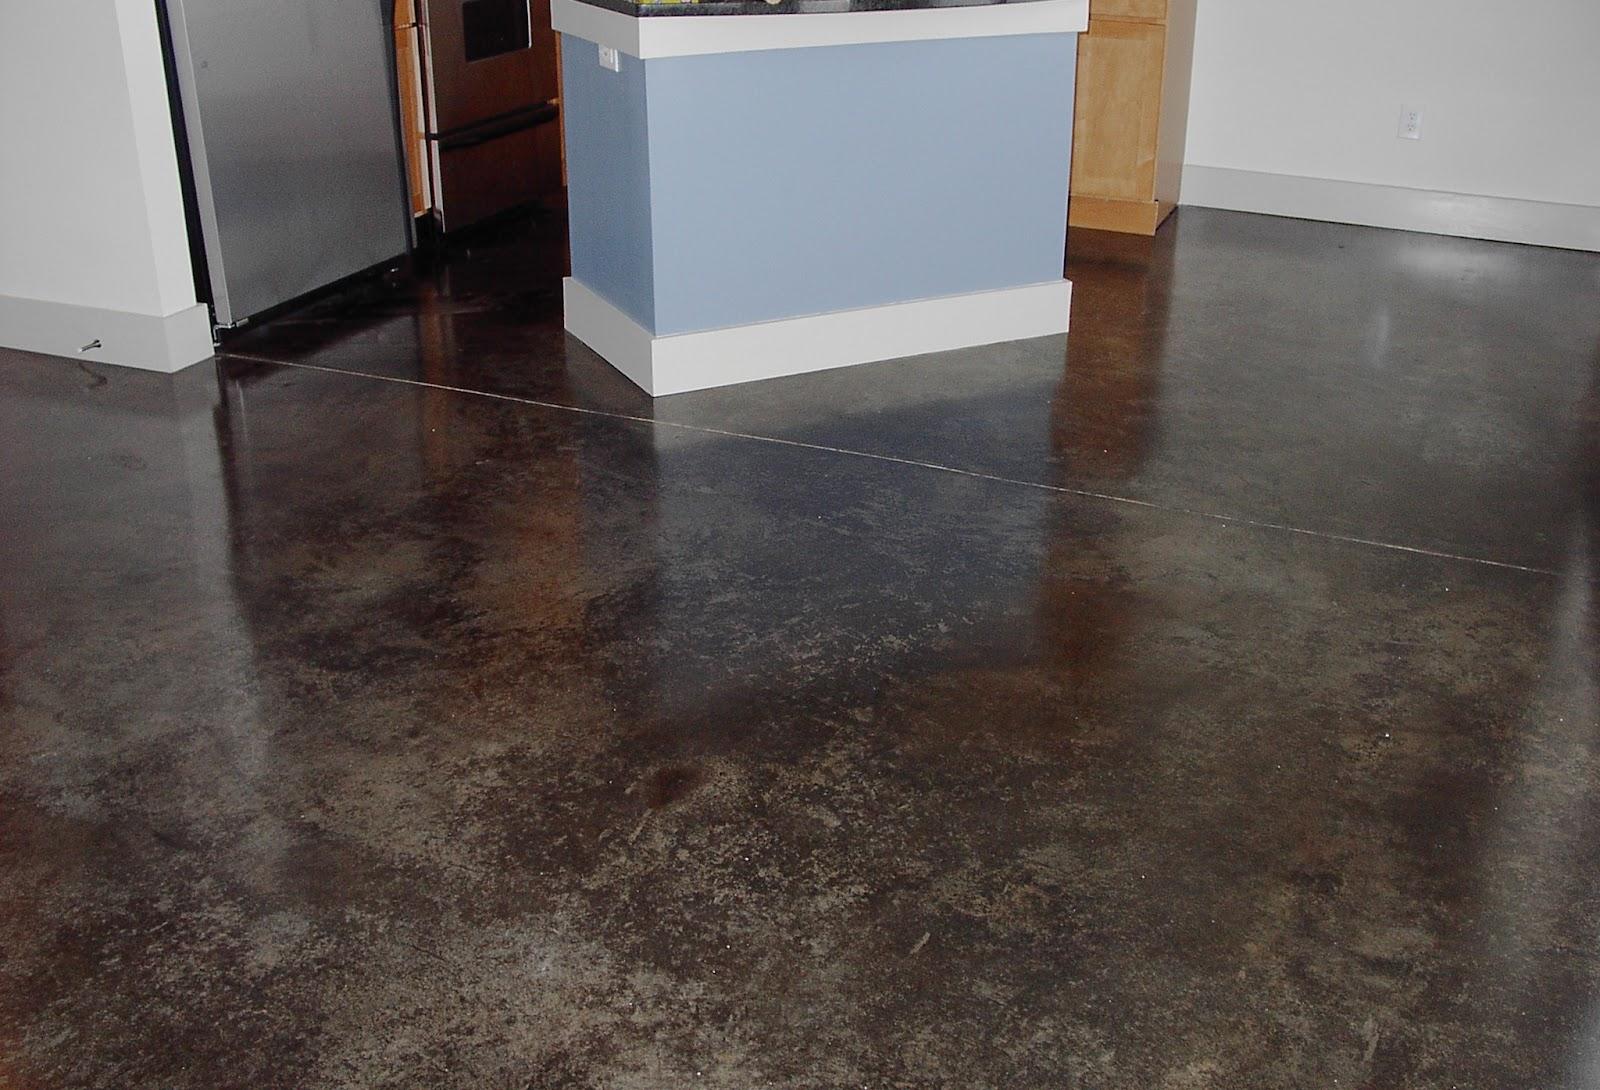 conseils sur les b tons cir s et autres b tons d coratifs juin 2012. Black Bedroom Furniture Sets. Home Design Ideas